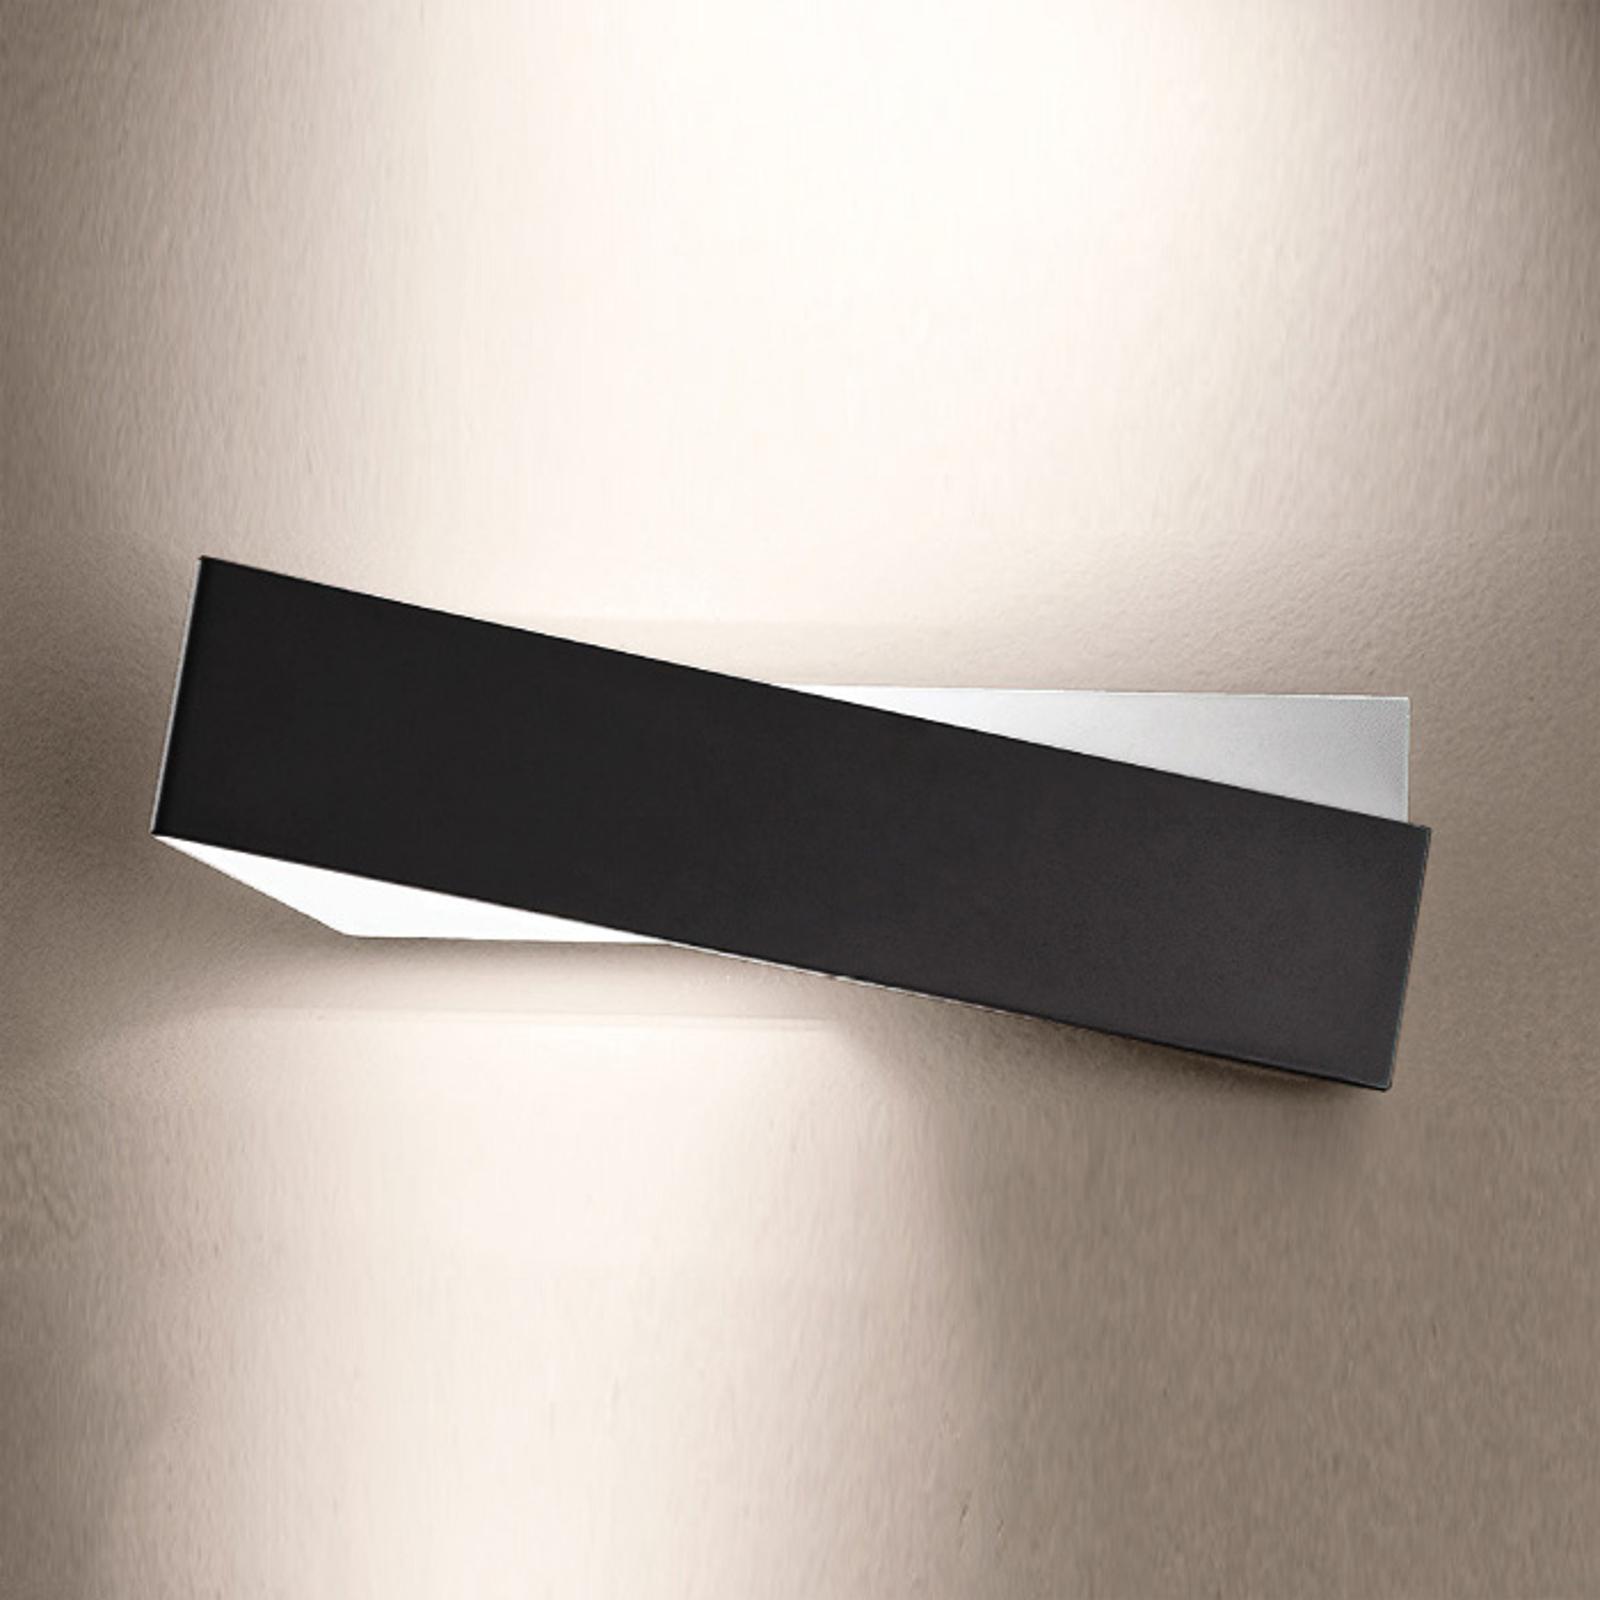 Wandleuchte Zig Zag in schwarz-weiß 43 cm